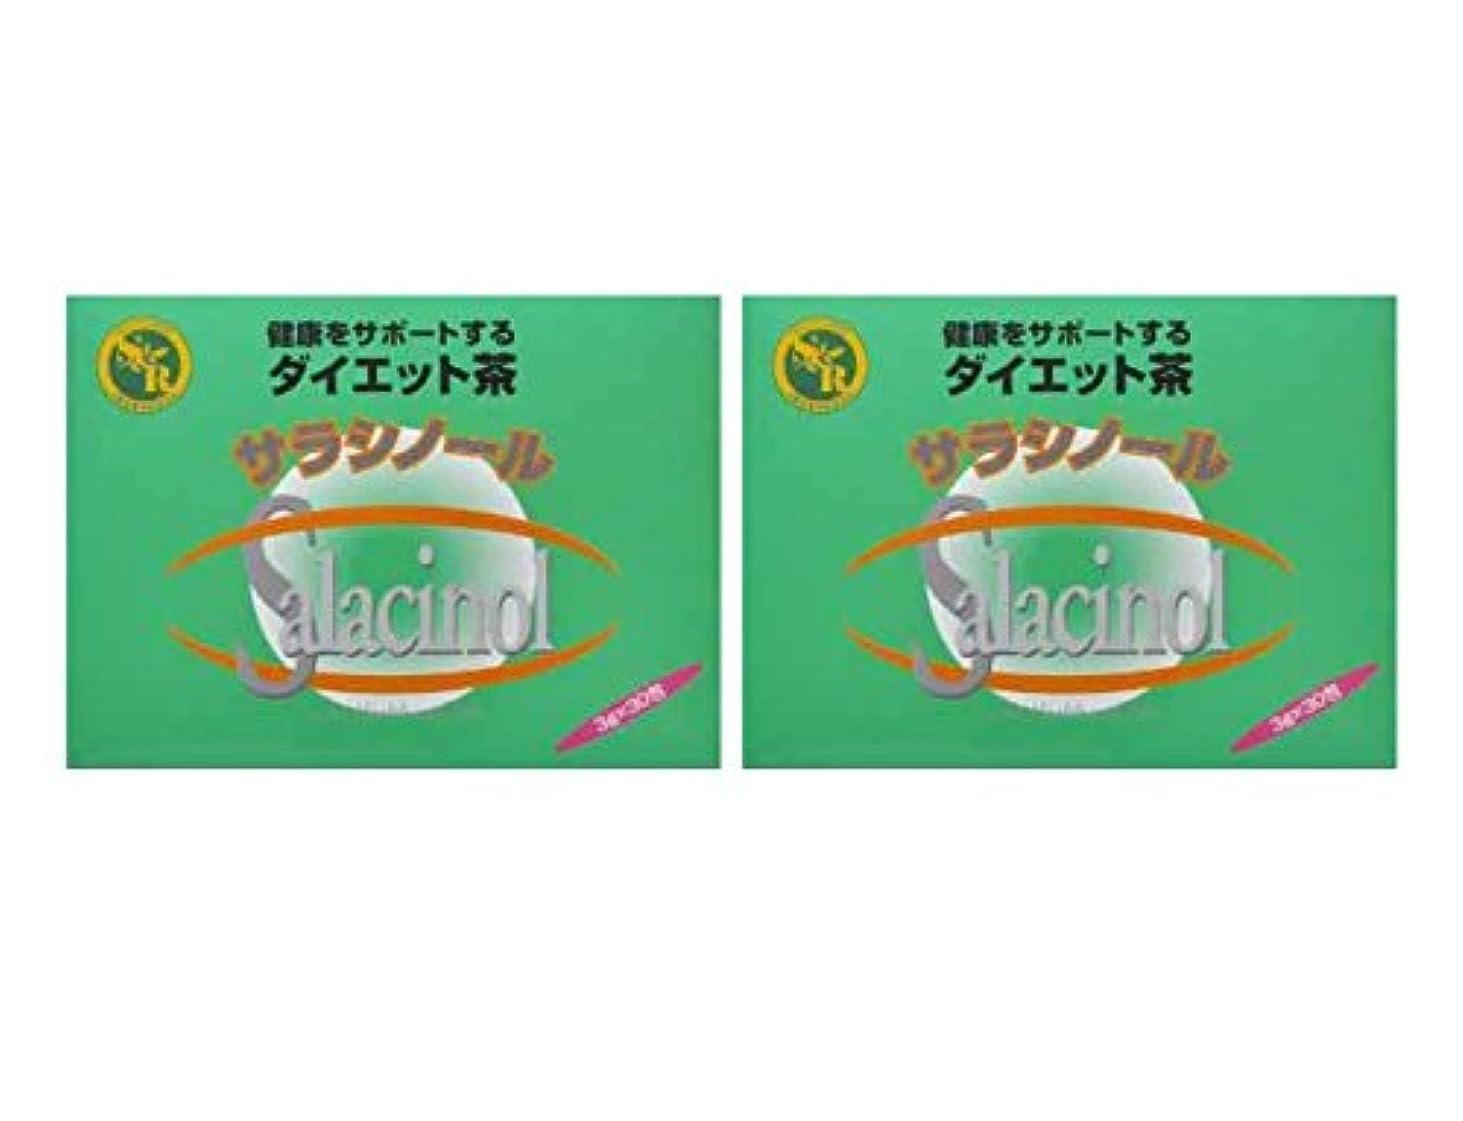 消去落花生フェンスジャパンヘルス サラシノール茶 3g×30包×2箱セット(サラシア茶?ダイエット茶)